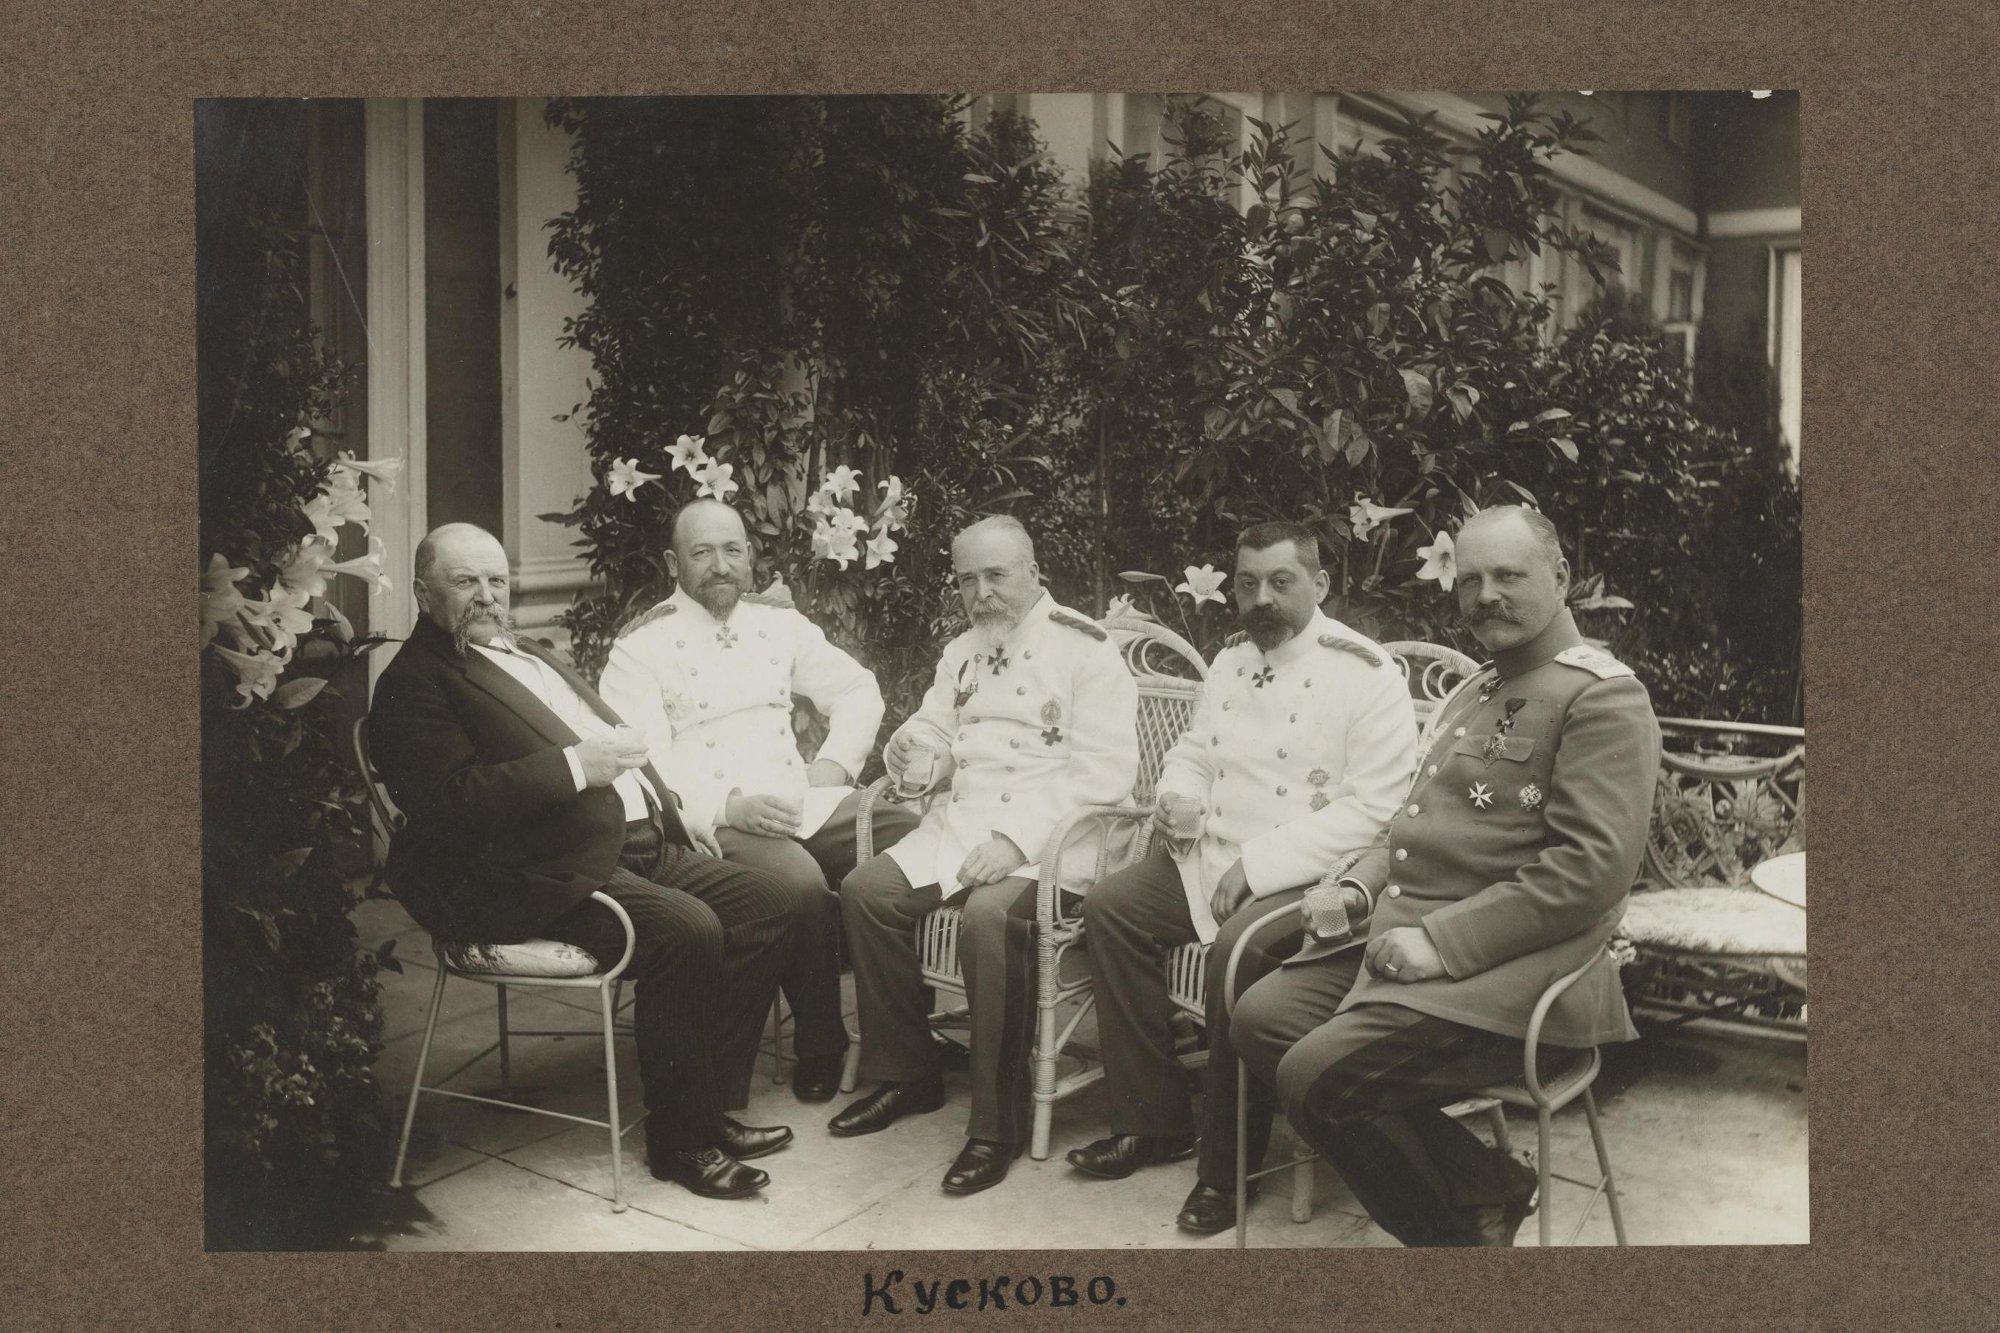 1913. Кусково. Групповой портрет графа С.Д. Шереметева и гостей